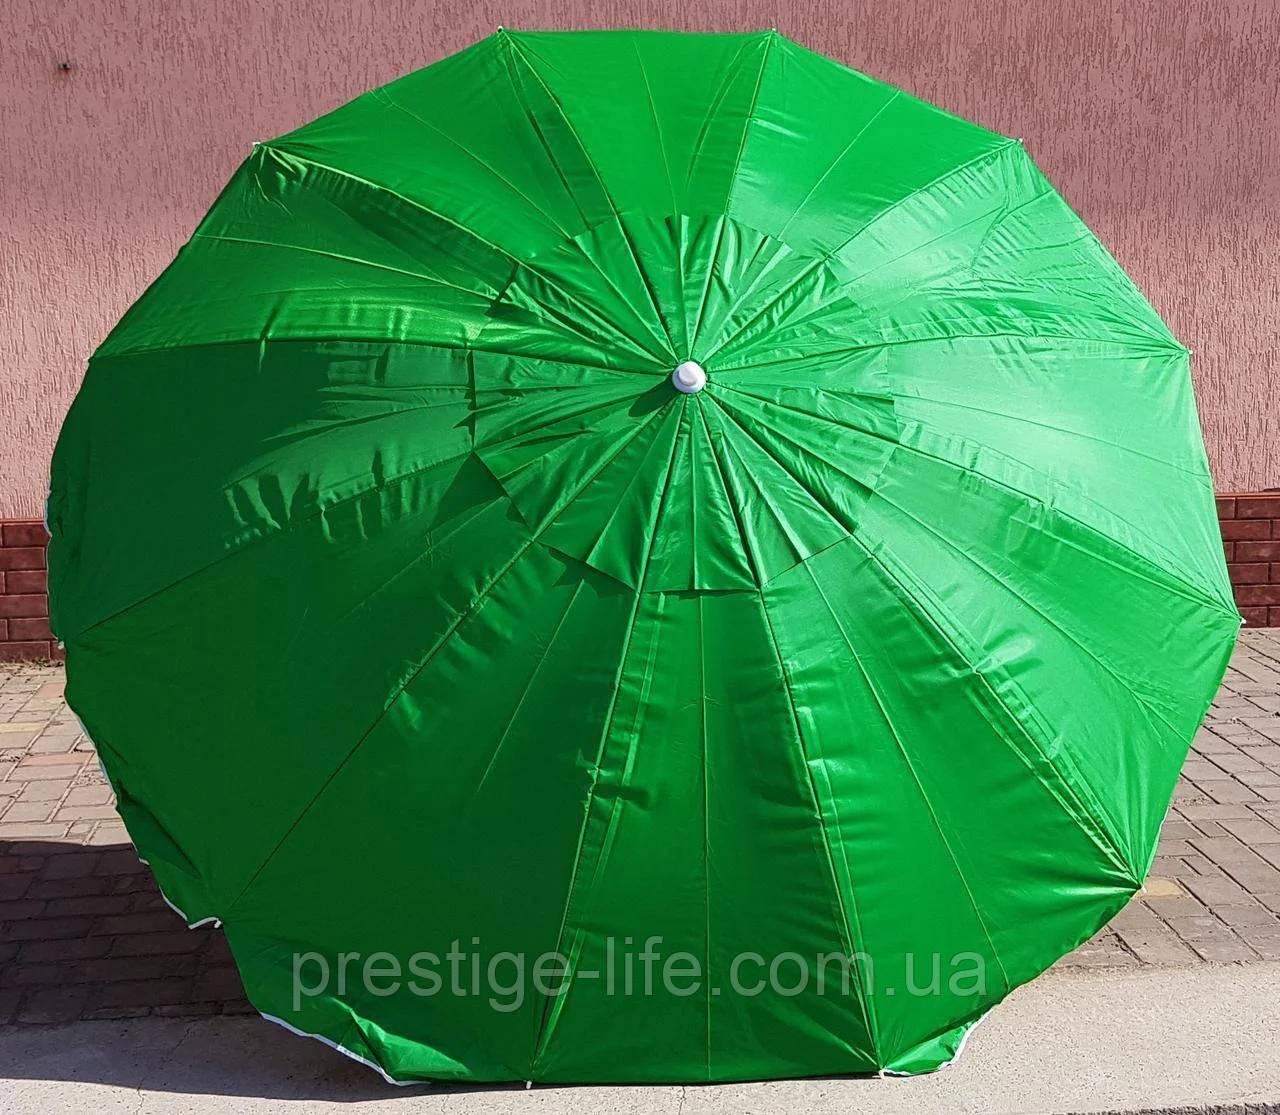 Садовой, торговый Зонт диаметром 3 м с клапаном, 16 спиц. Пластиковые спицы. Серебренное покрытие. Зелёный